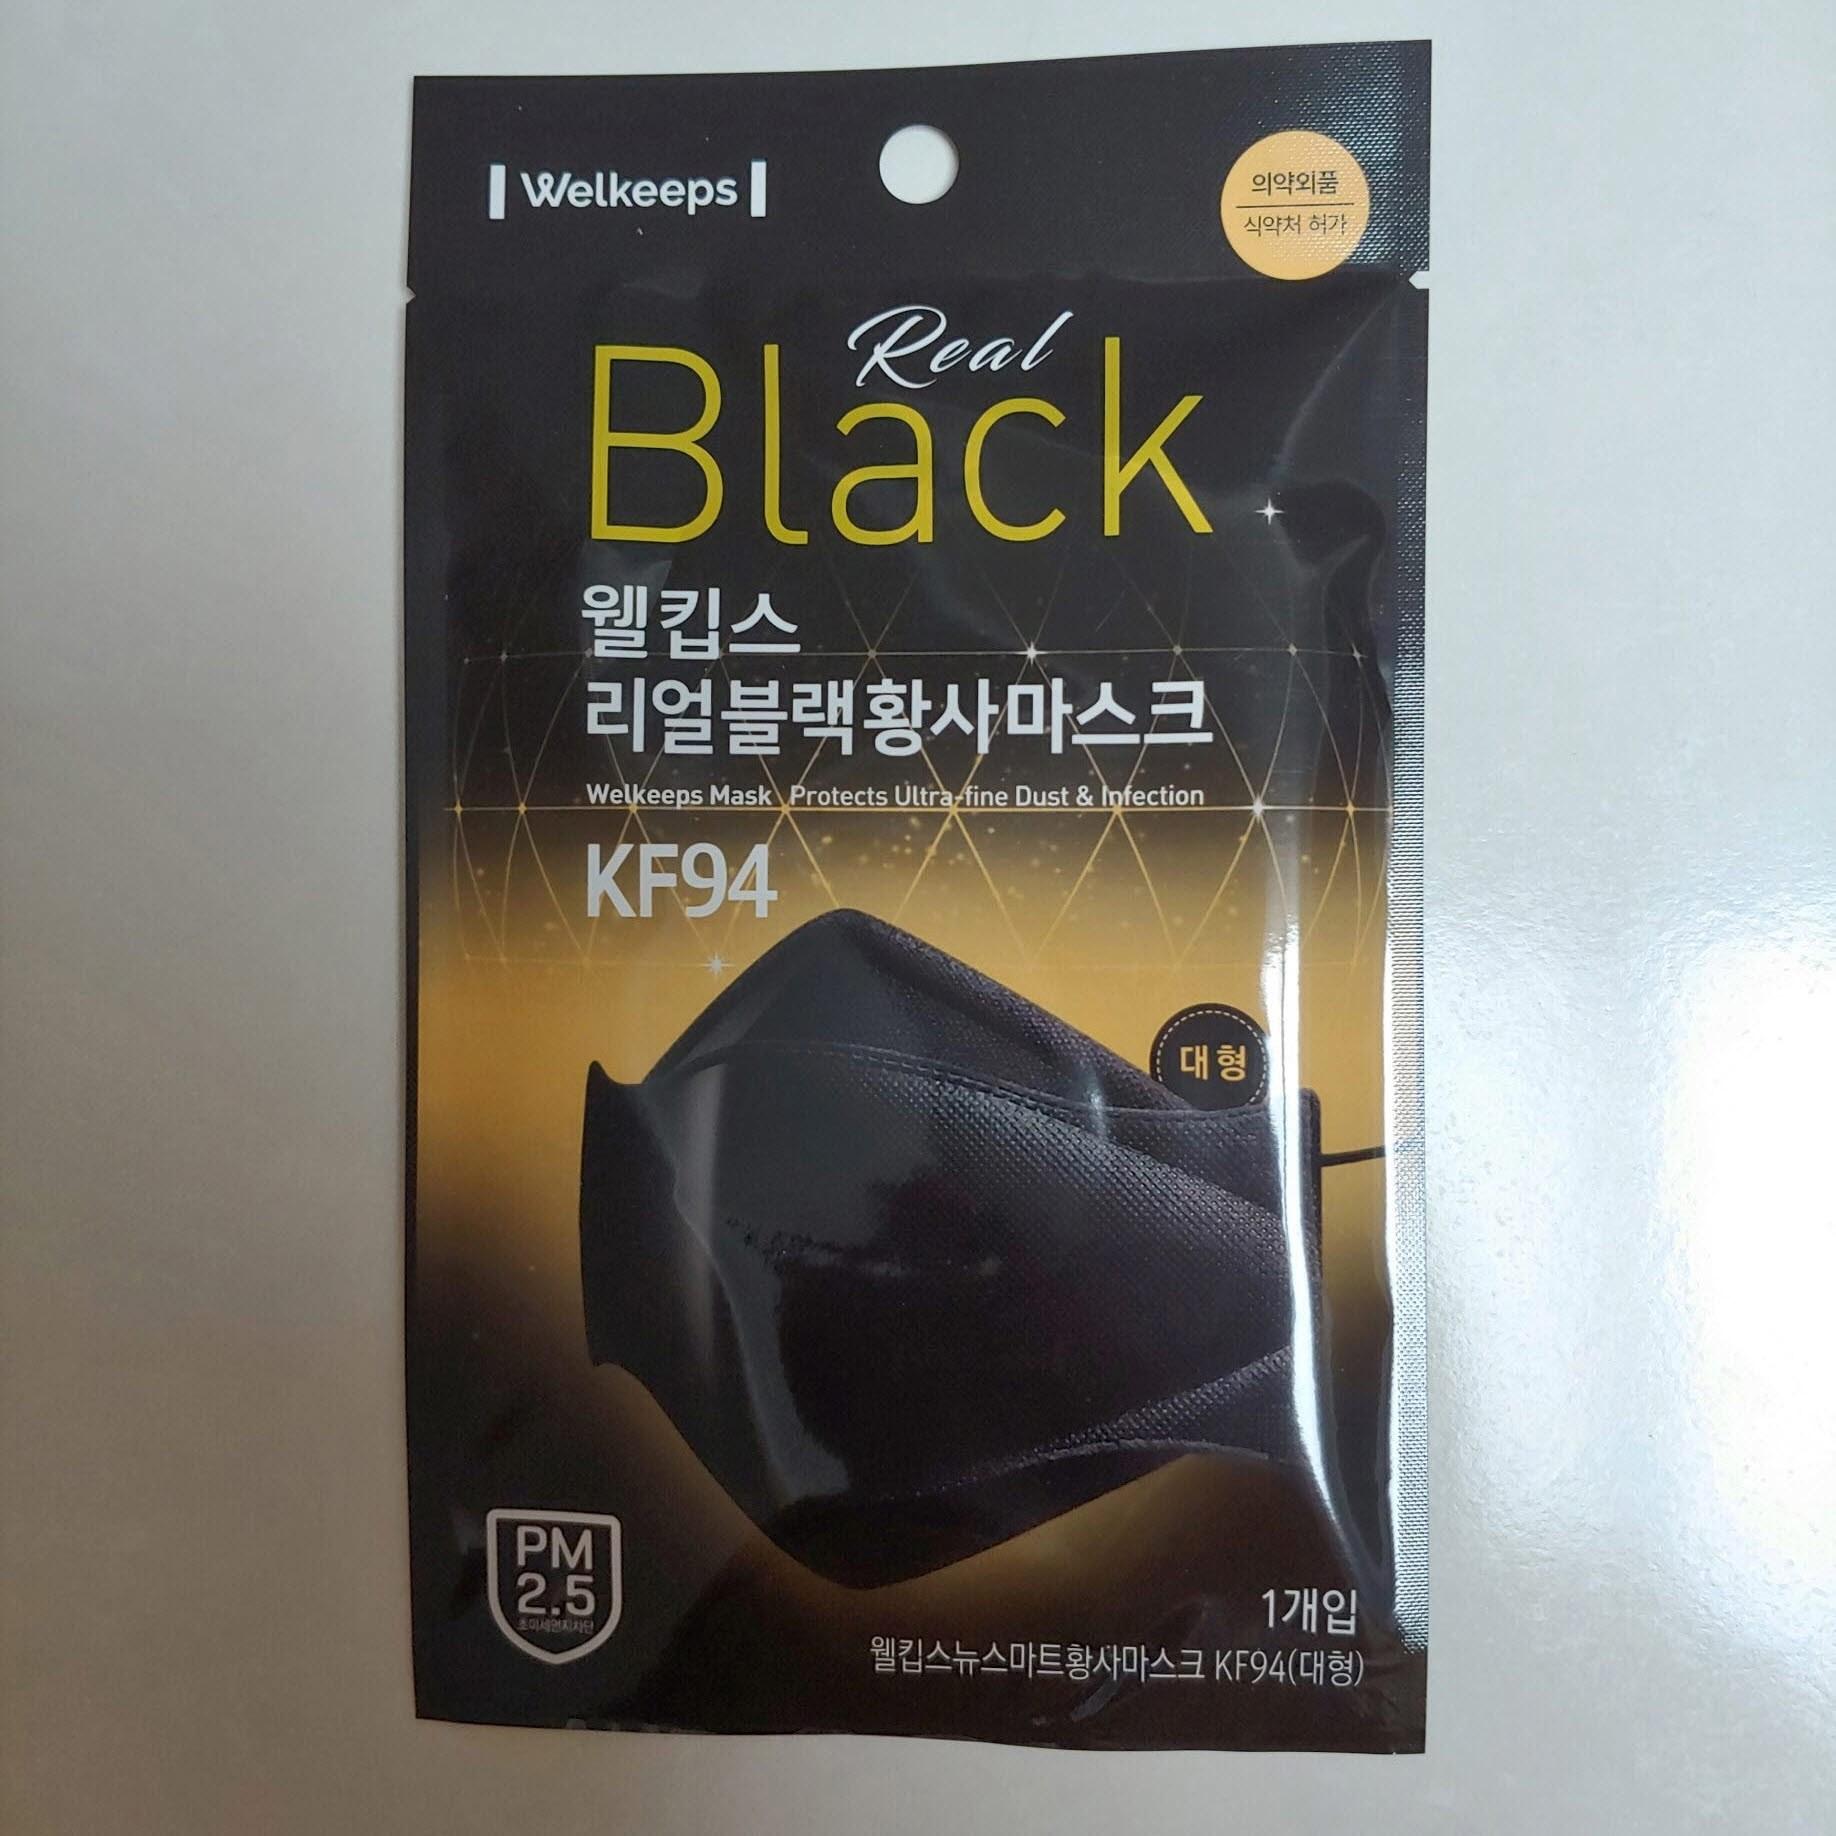 웰킵스 리얼블랙 KF94 황사 마스크 대형 개별포장 1매입 총5개, 1팩, 1개